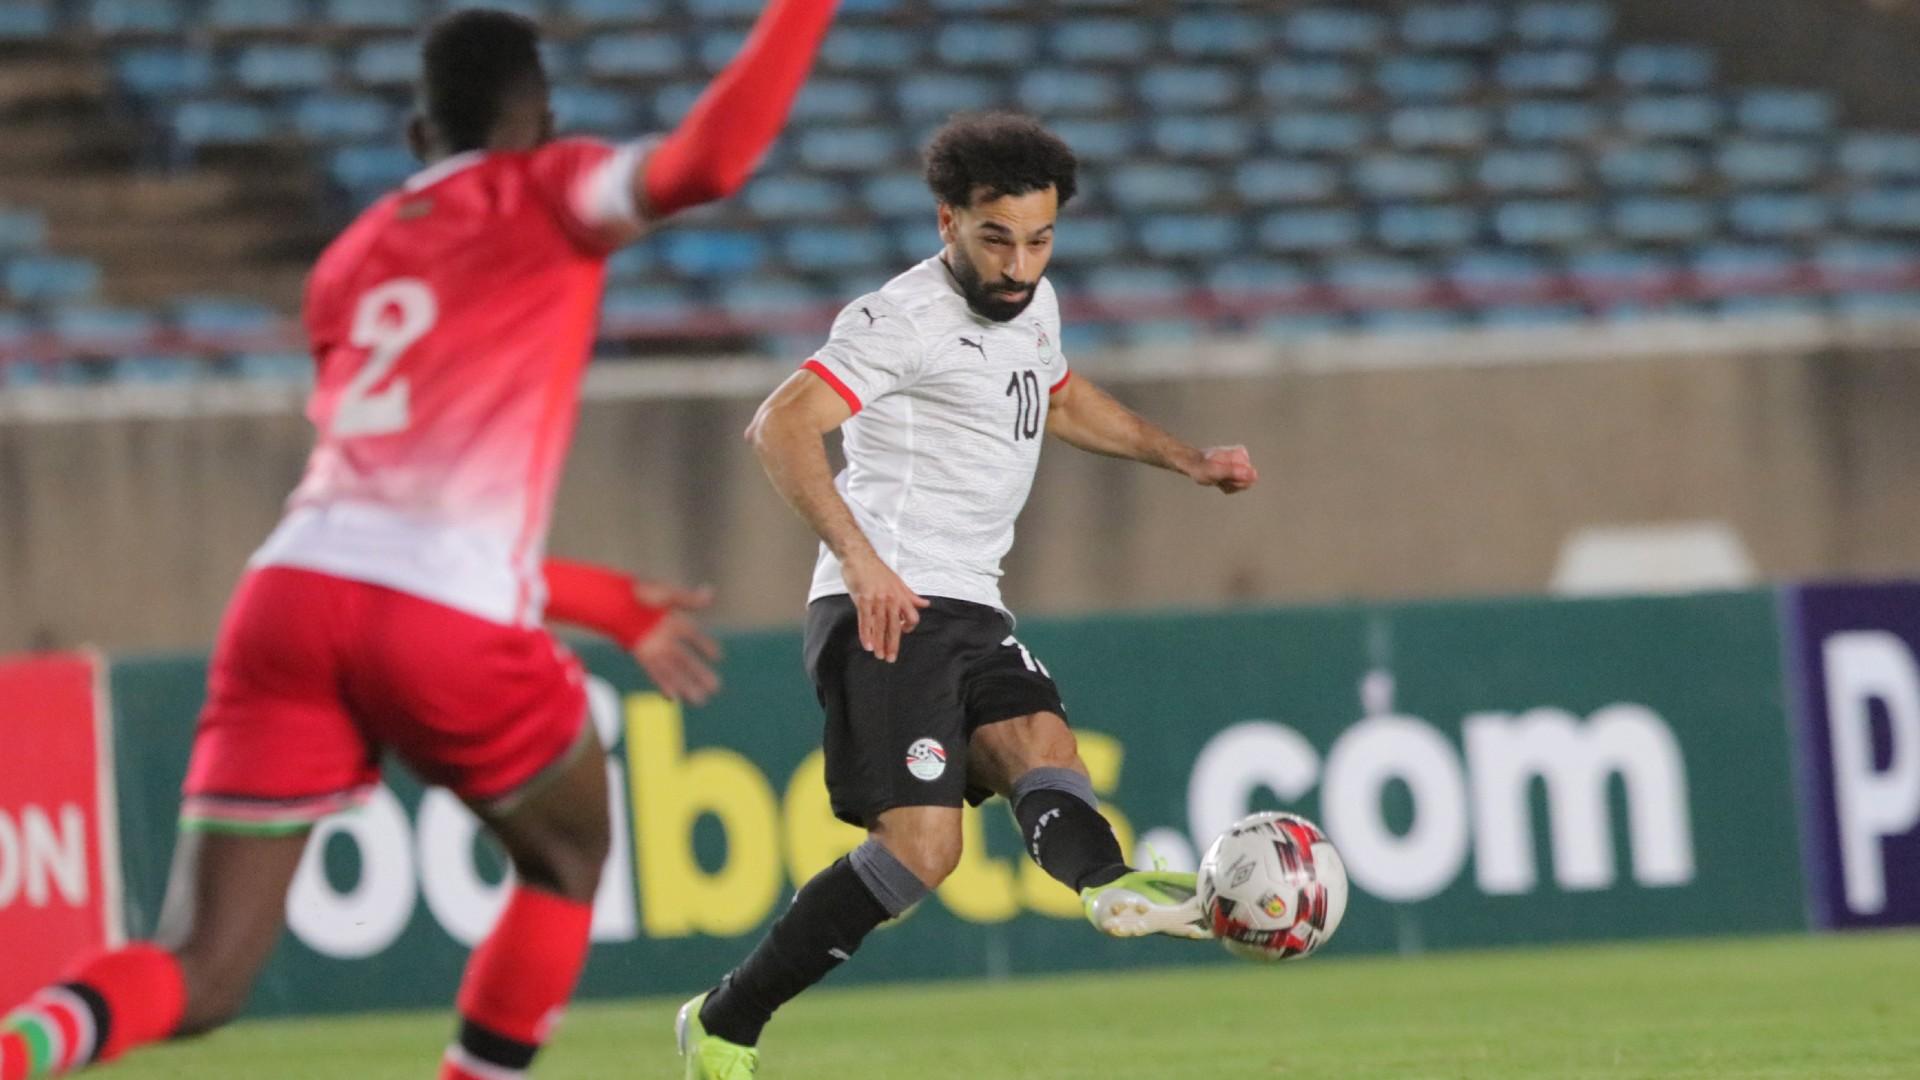 Abdallah Hassan